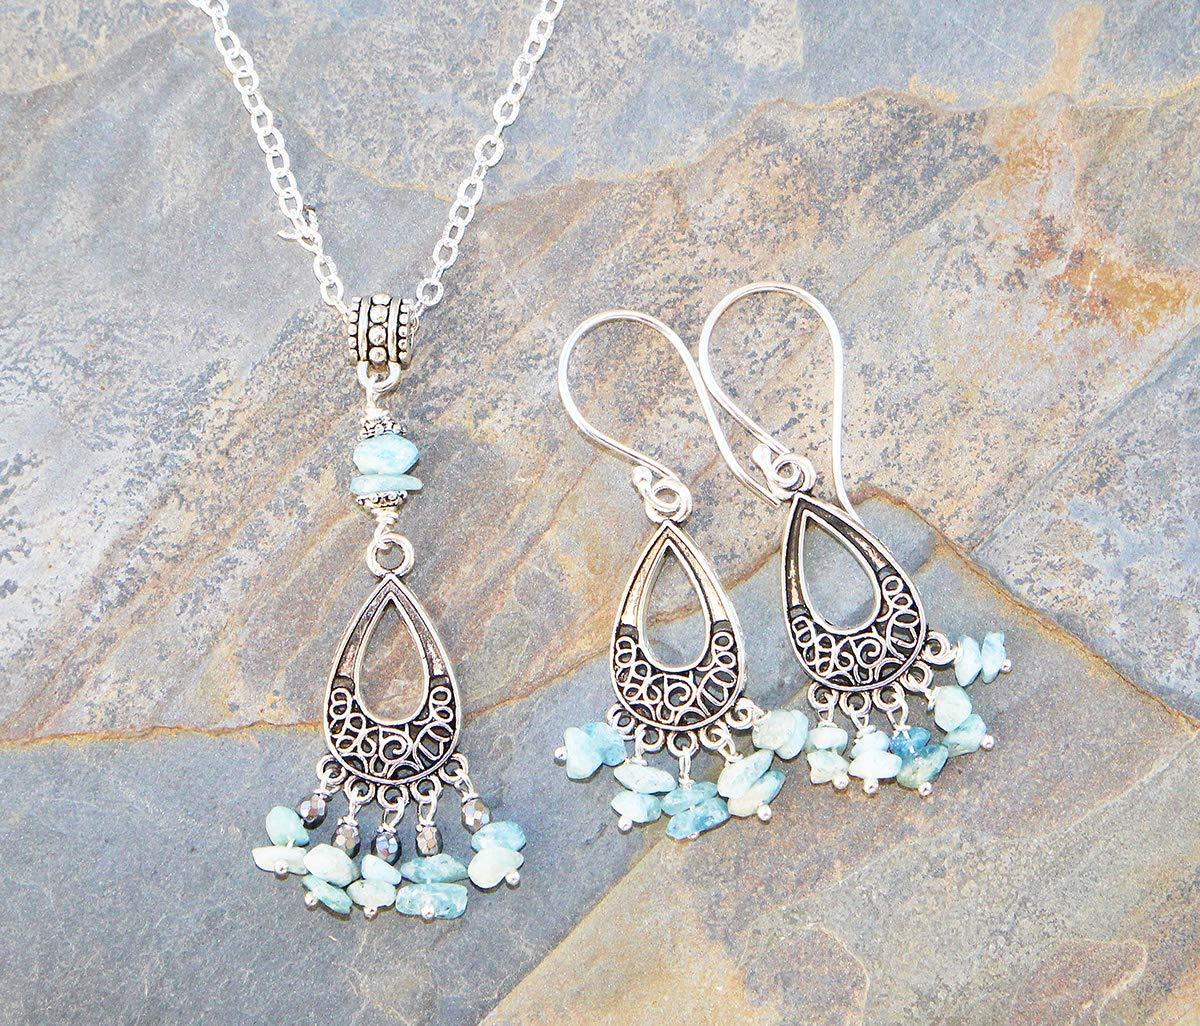 Aquamarine Jewelry Set, Light Blue Jewelry Set, Chandelier Jewelry Set, Natural Stone Jewelry Set, Filigree Jewelry Set, Boho Jewelry Set